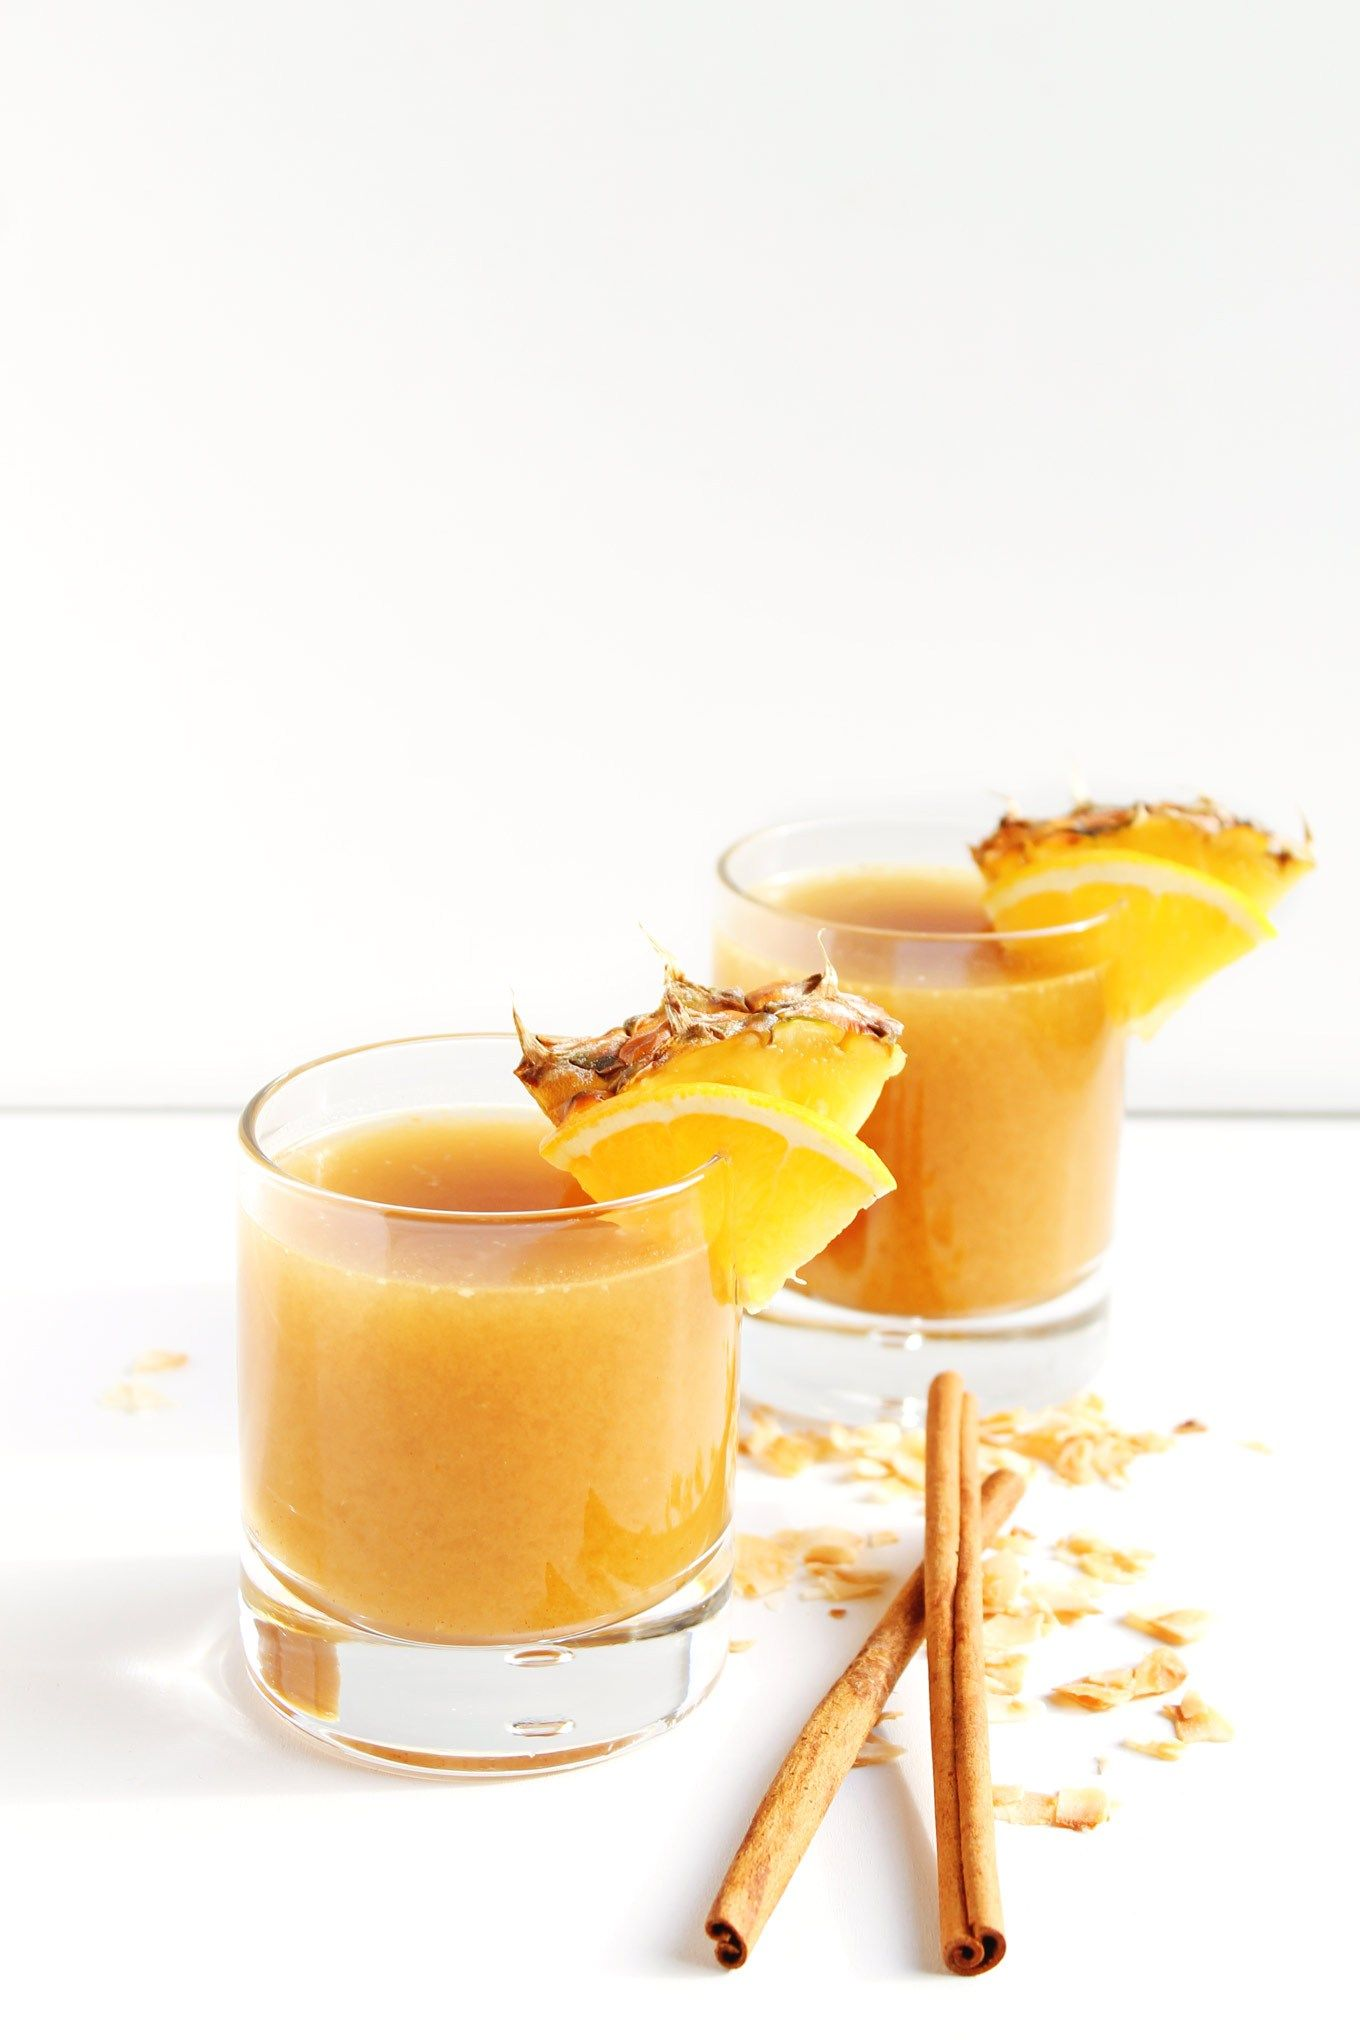 Pineapple Cider Rum Cocktail Recipe Rum Recipes Pineapple Rum Drinks Pineapple Cocktail